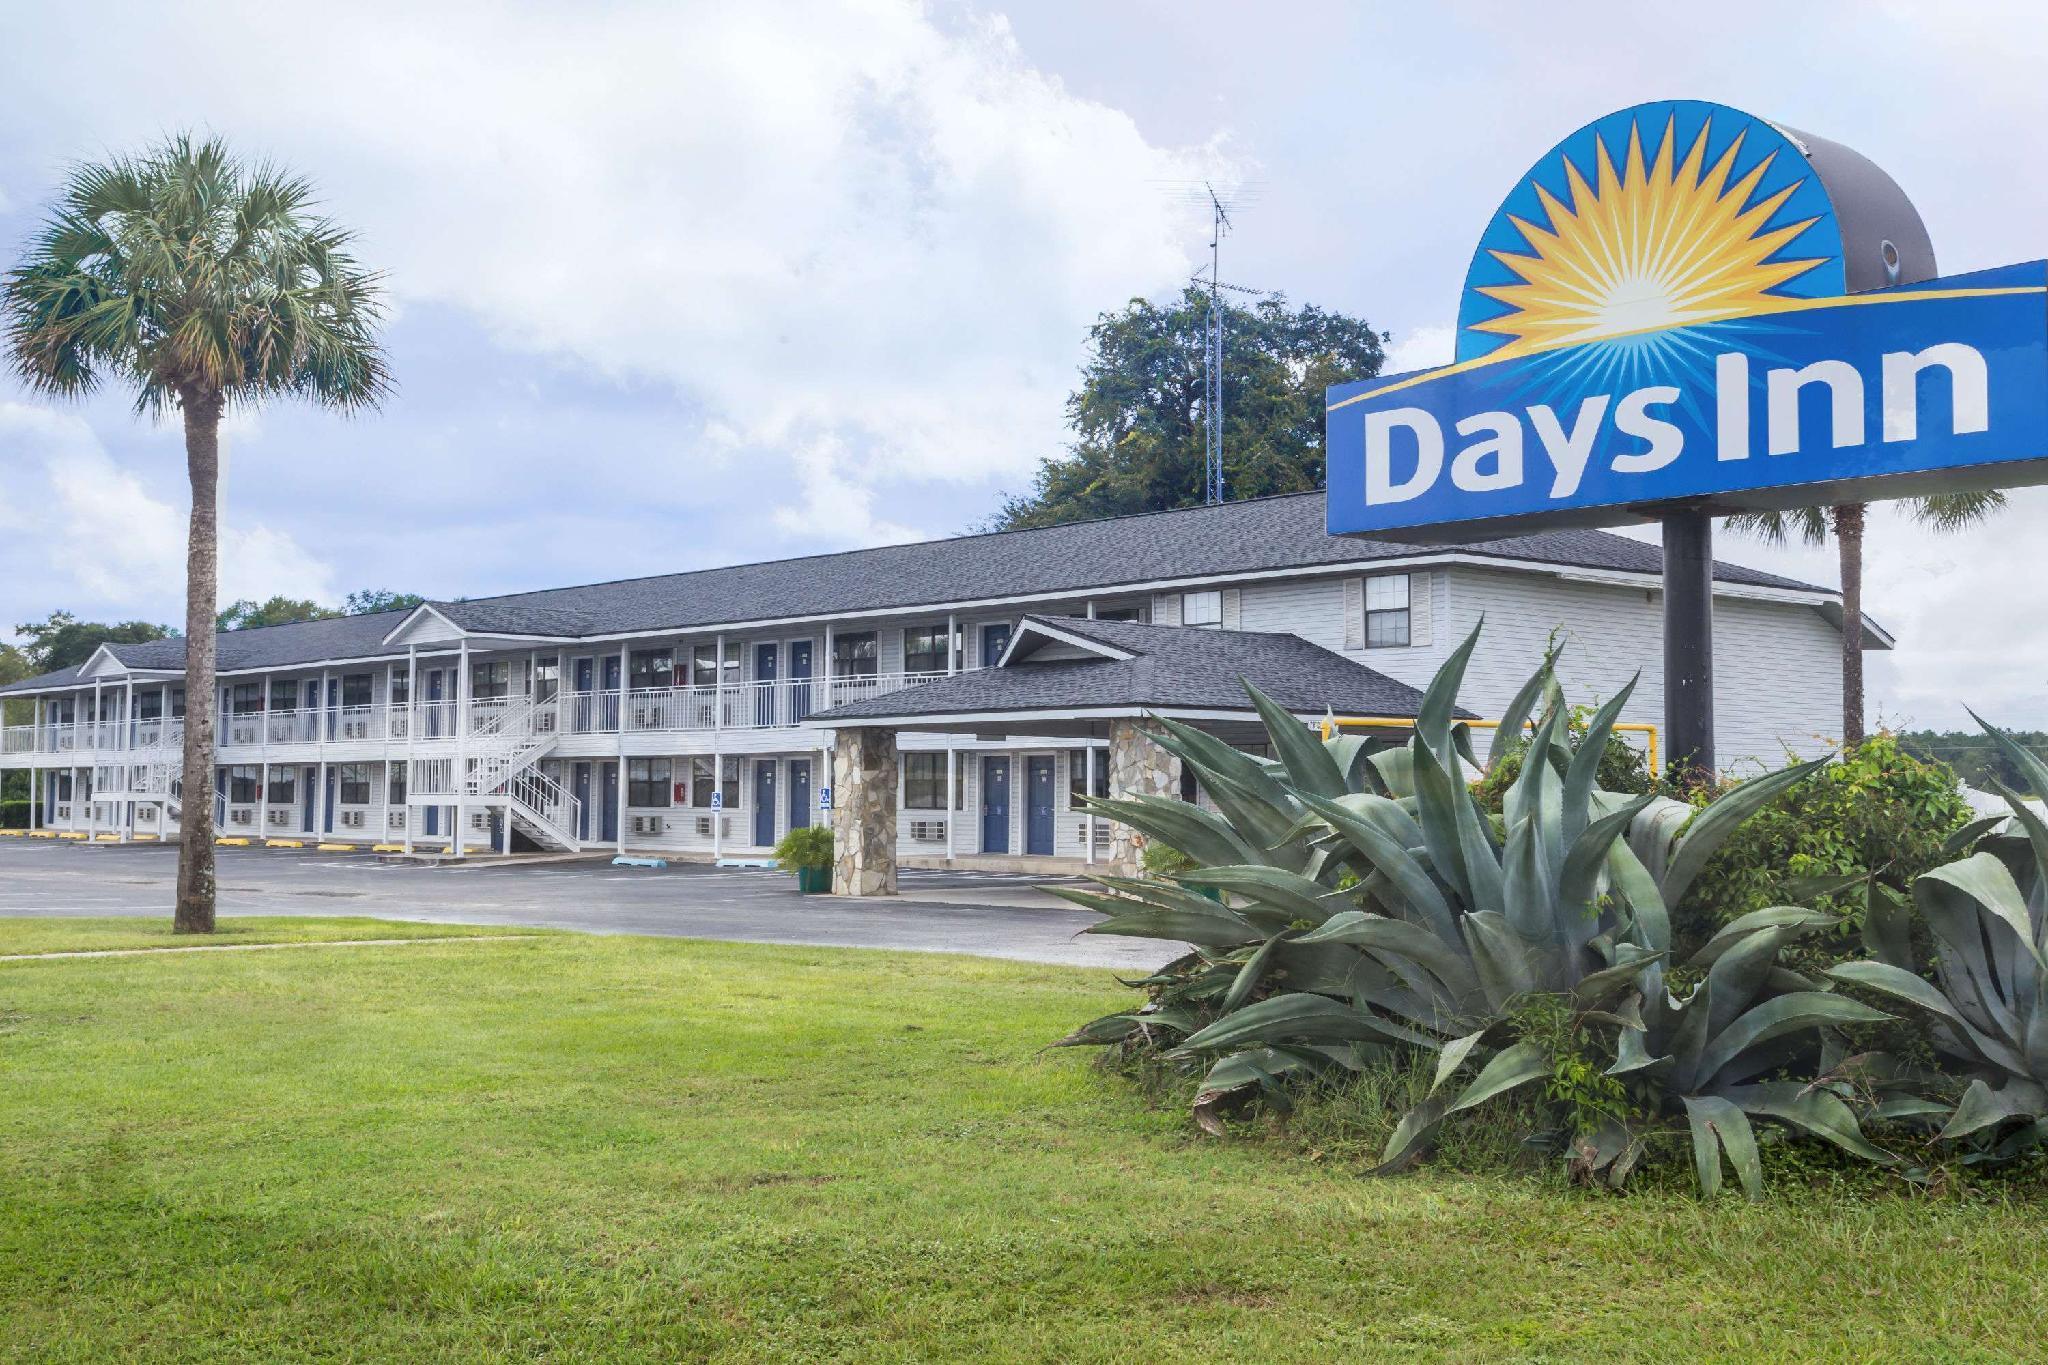 Days Inn By Wyndham Madison